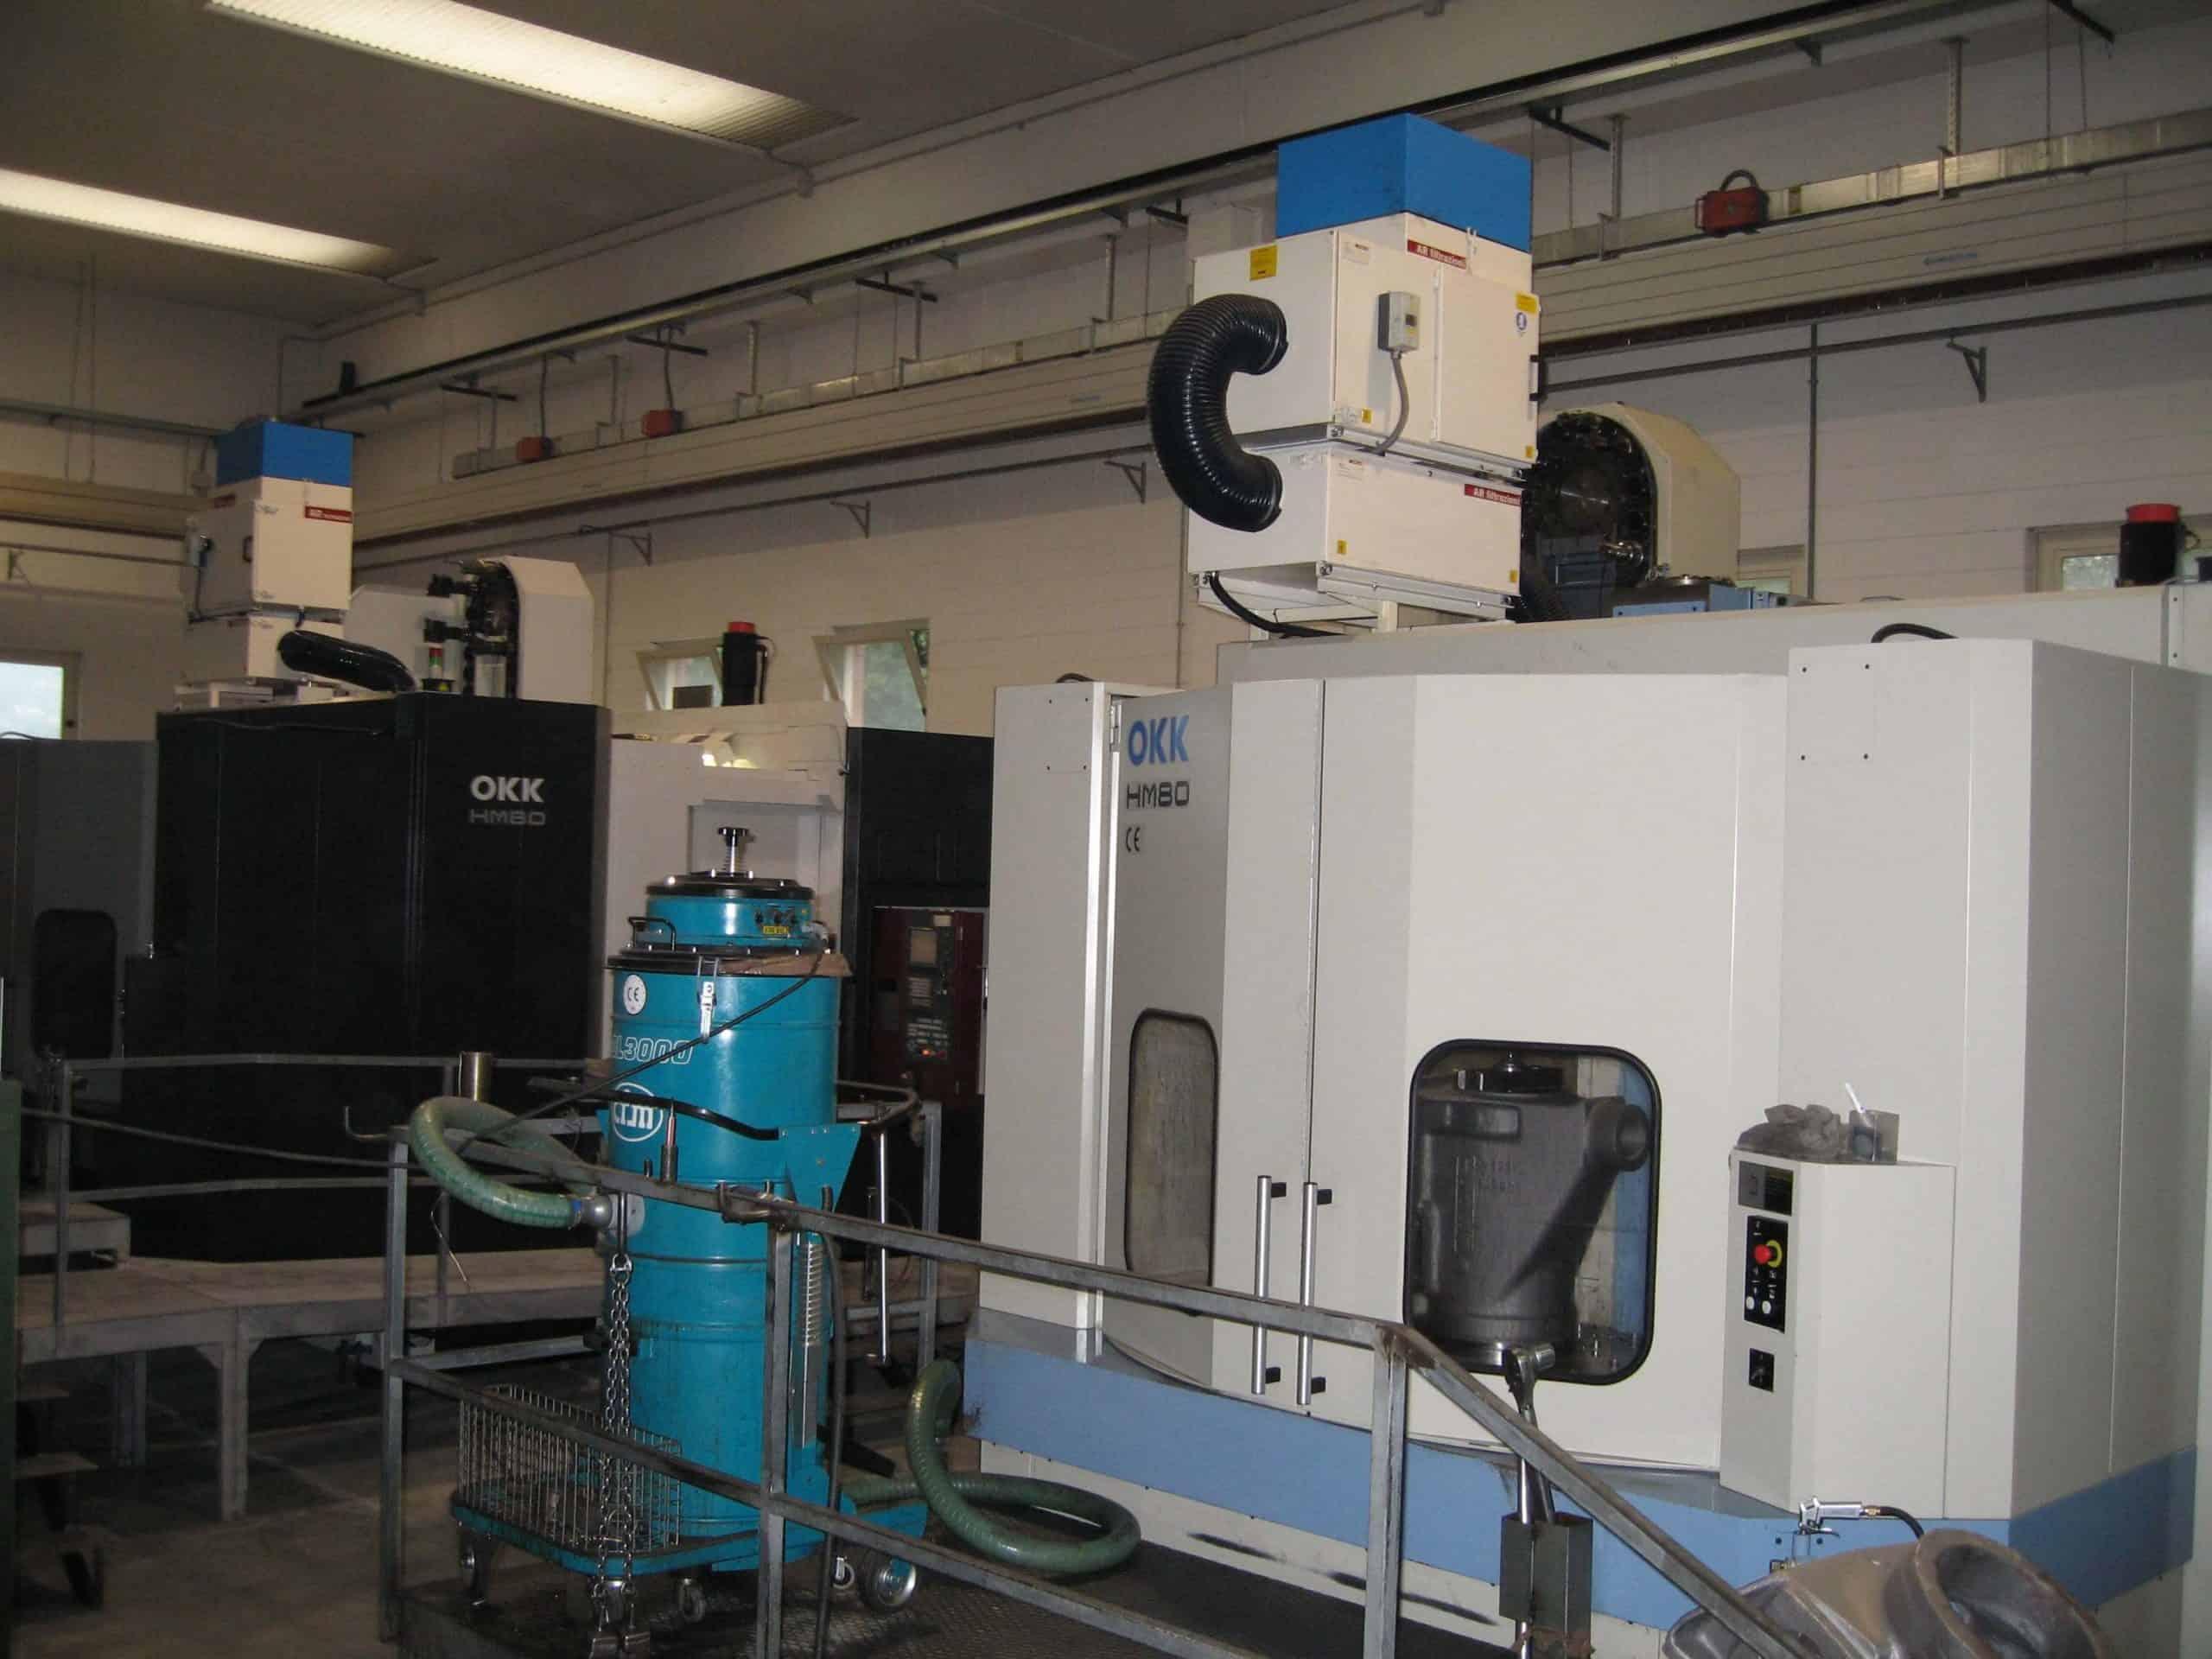 474-arfiltrazioni-okk-hm80-centro-di-lavoro-cnc-per-alta-produzione-con-sistema-di-filtrazione-per-pompe-ad-alta-pressione